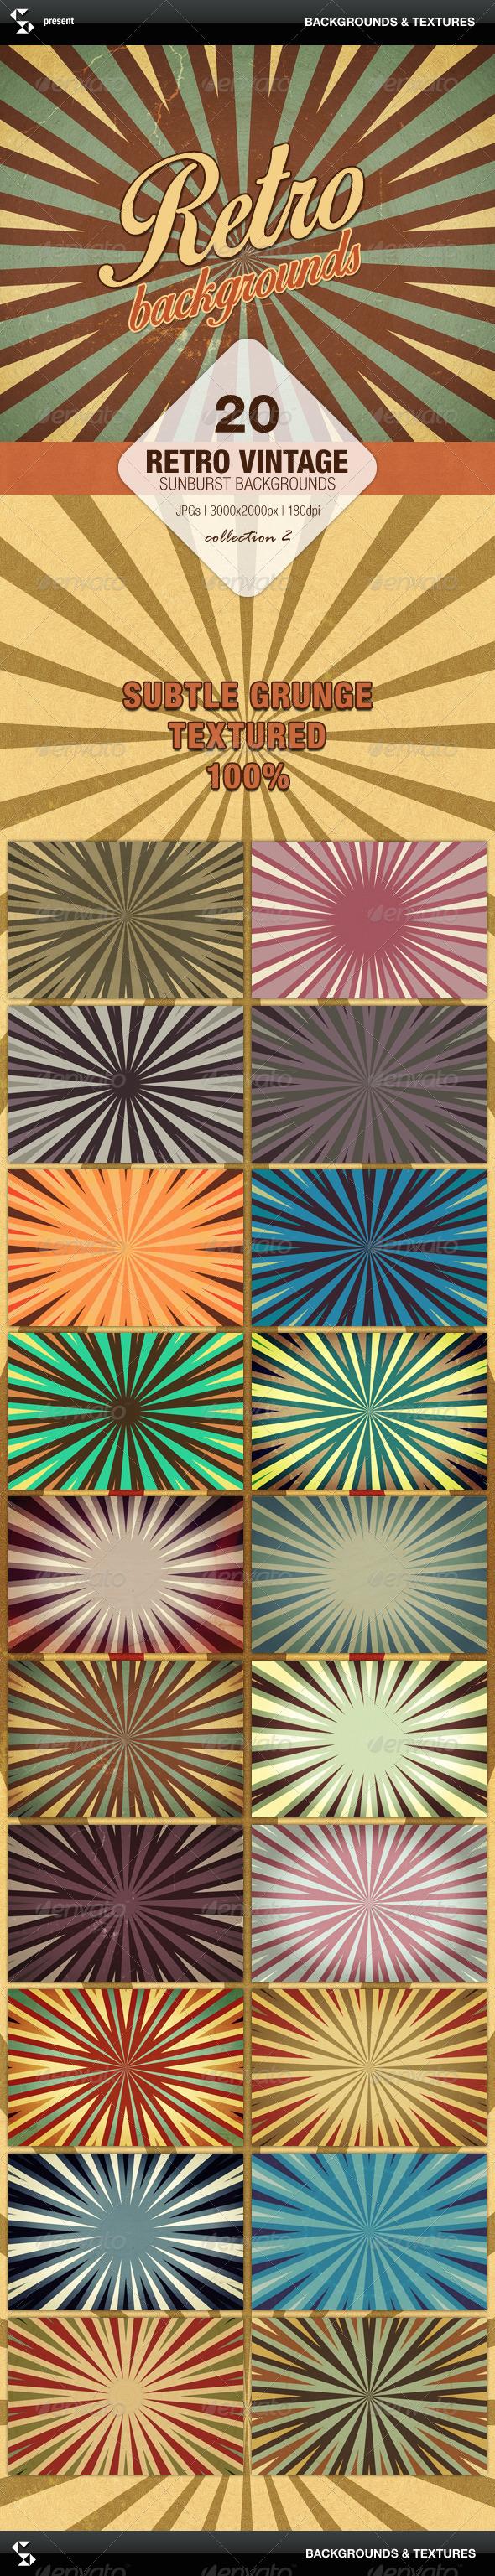 GraphicRiver Retro Backgrounds Vintage Sunburst Collection 2 7173814